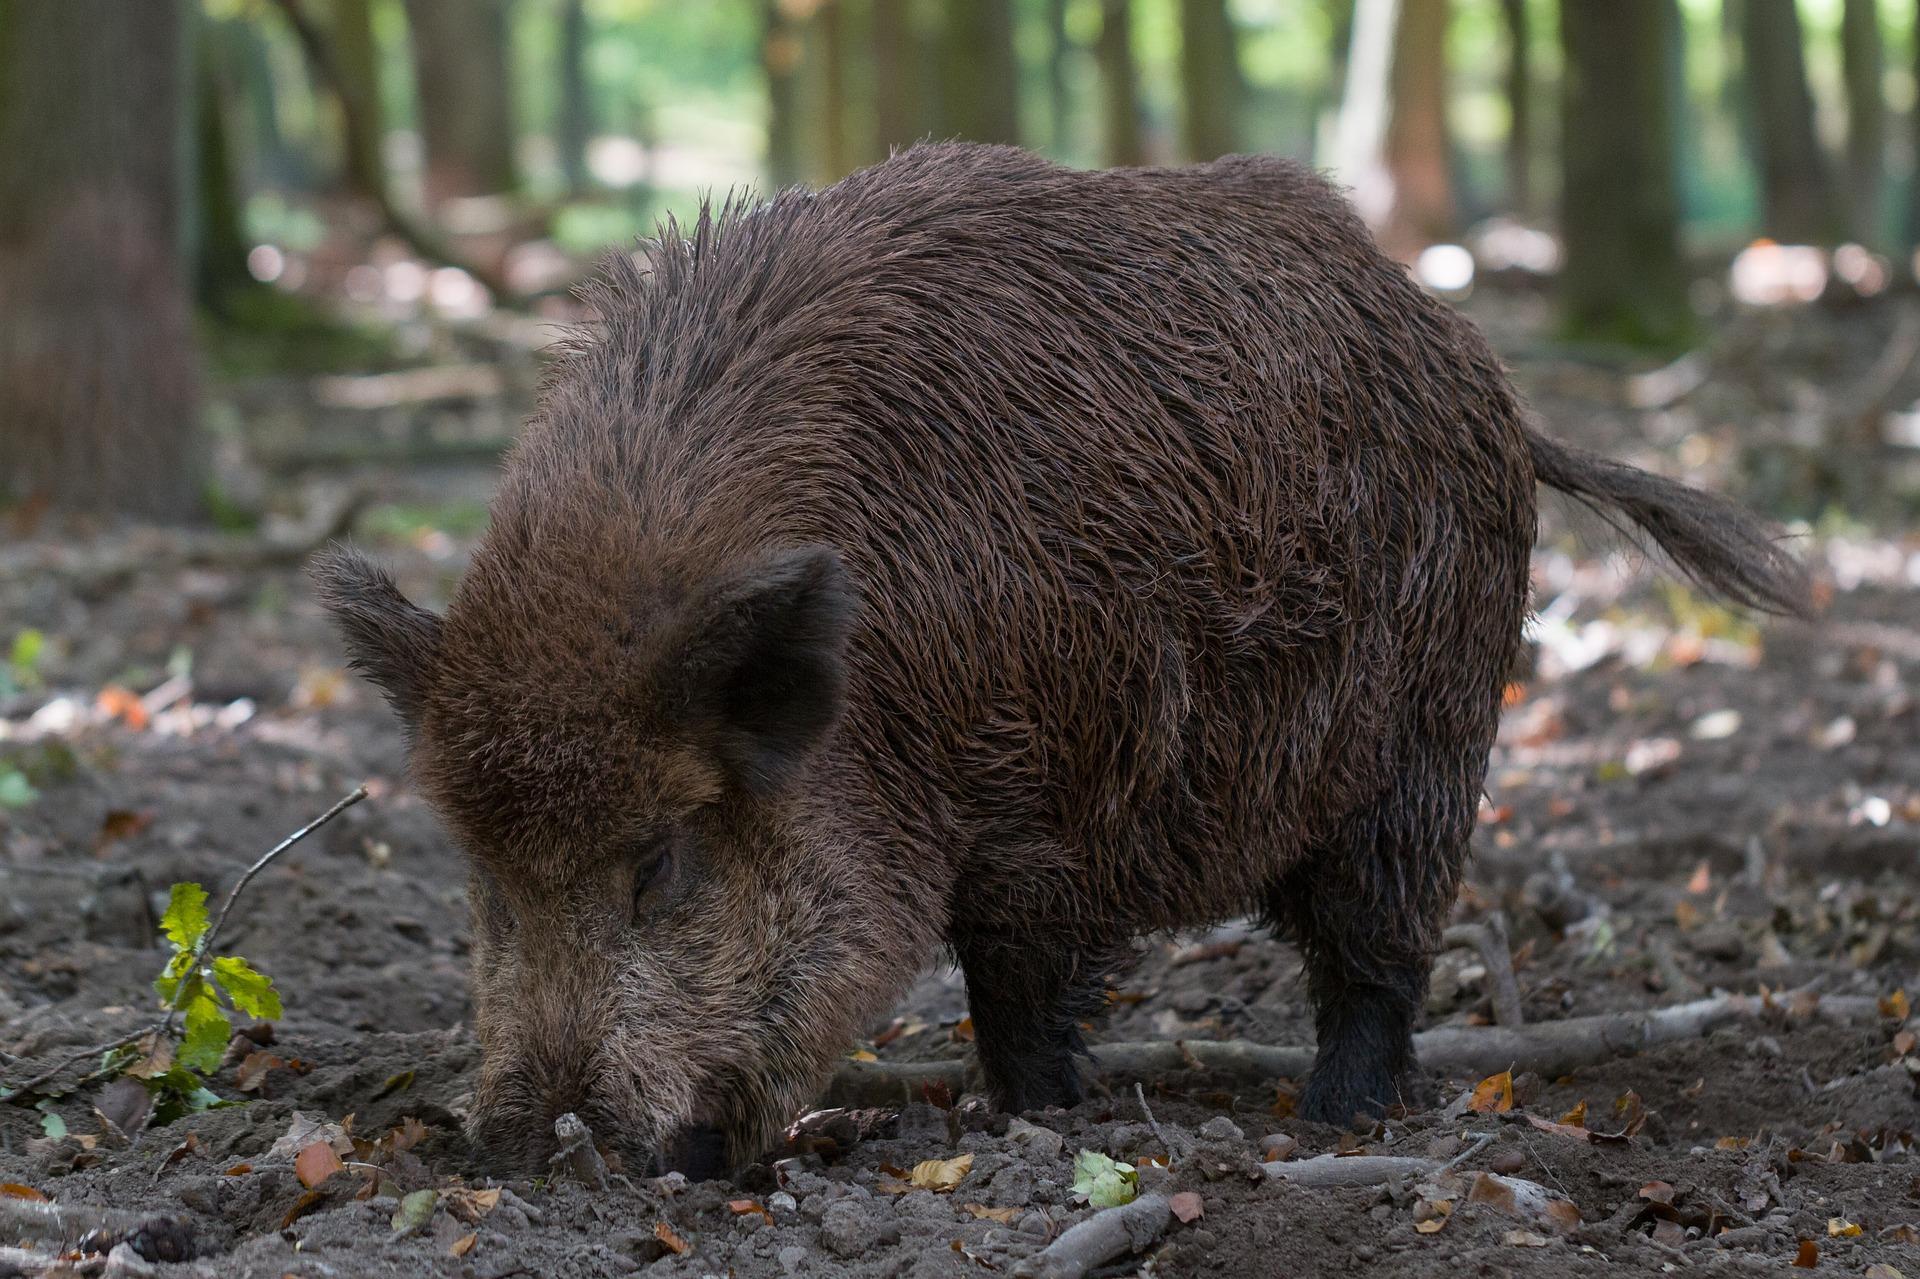 W całej Polsce rozpoczęła się rzeź dzików. Gatunek ma zostać niemal zupełnie zlikwidowany